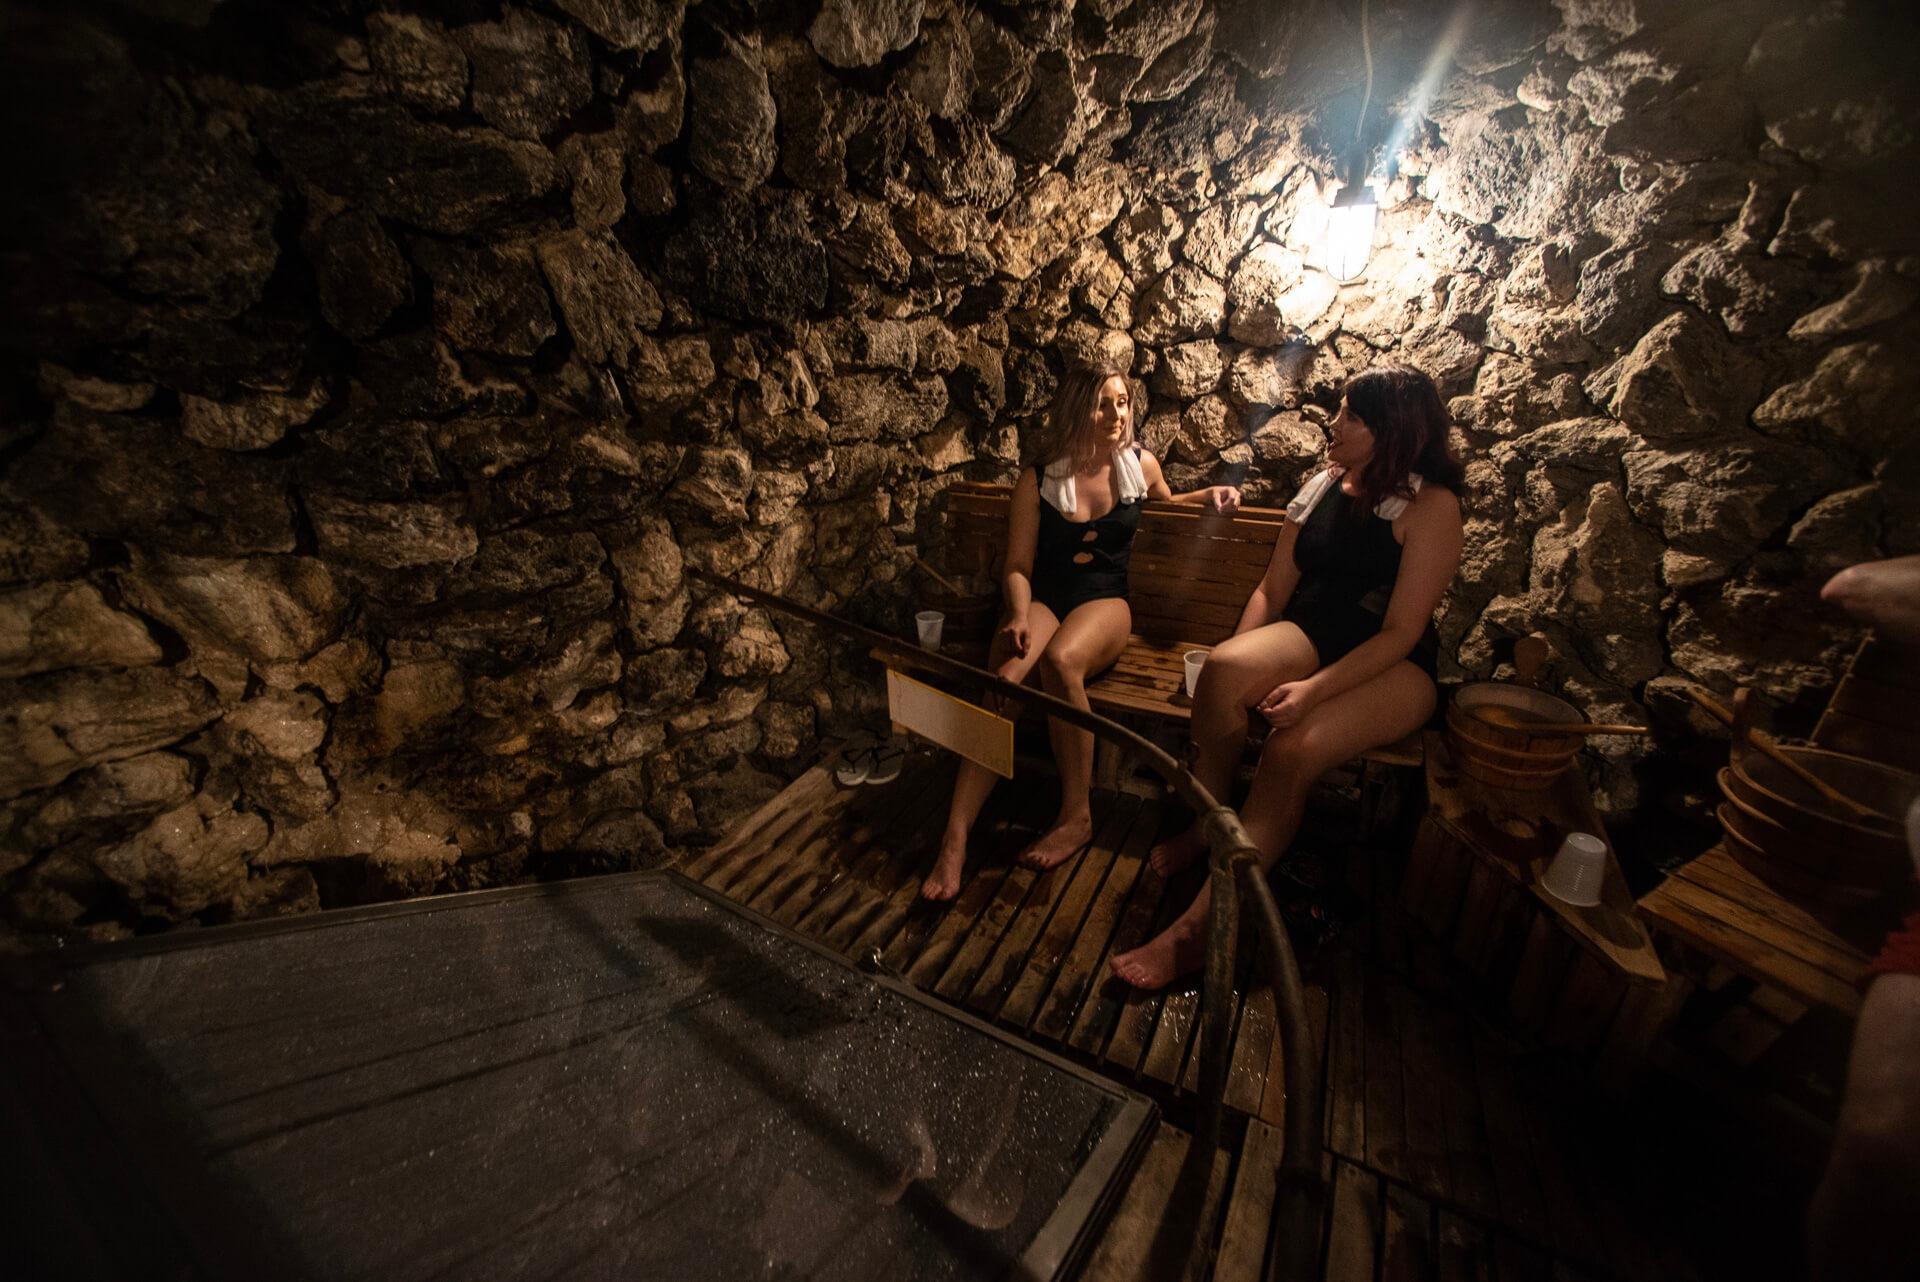 Hot Springs National Park Bathhouse Row